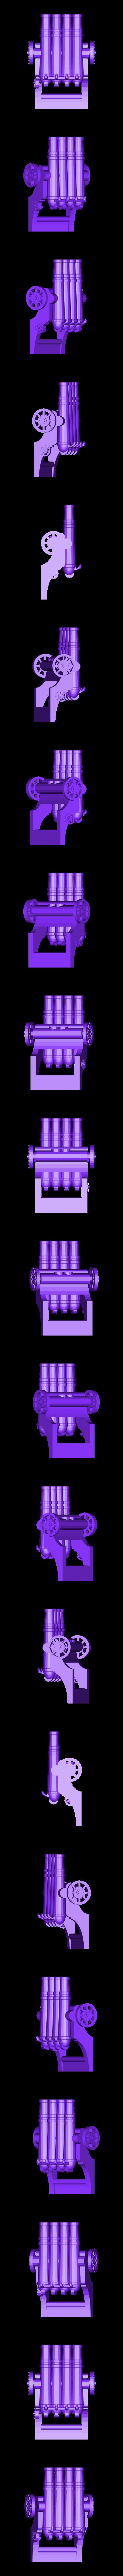 dwarf_organ_gun.stl Download free STL file Dwarf Organ Gun • 3D print design, mrhers2